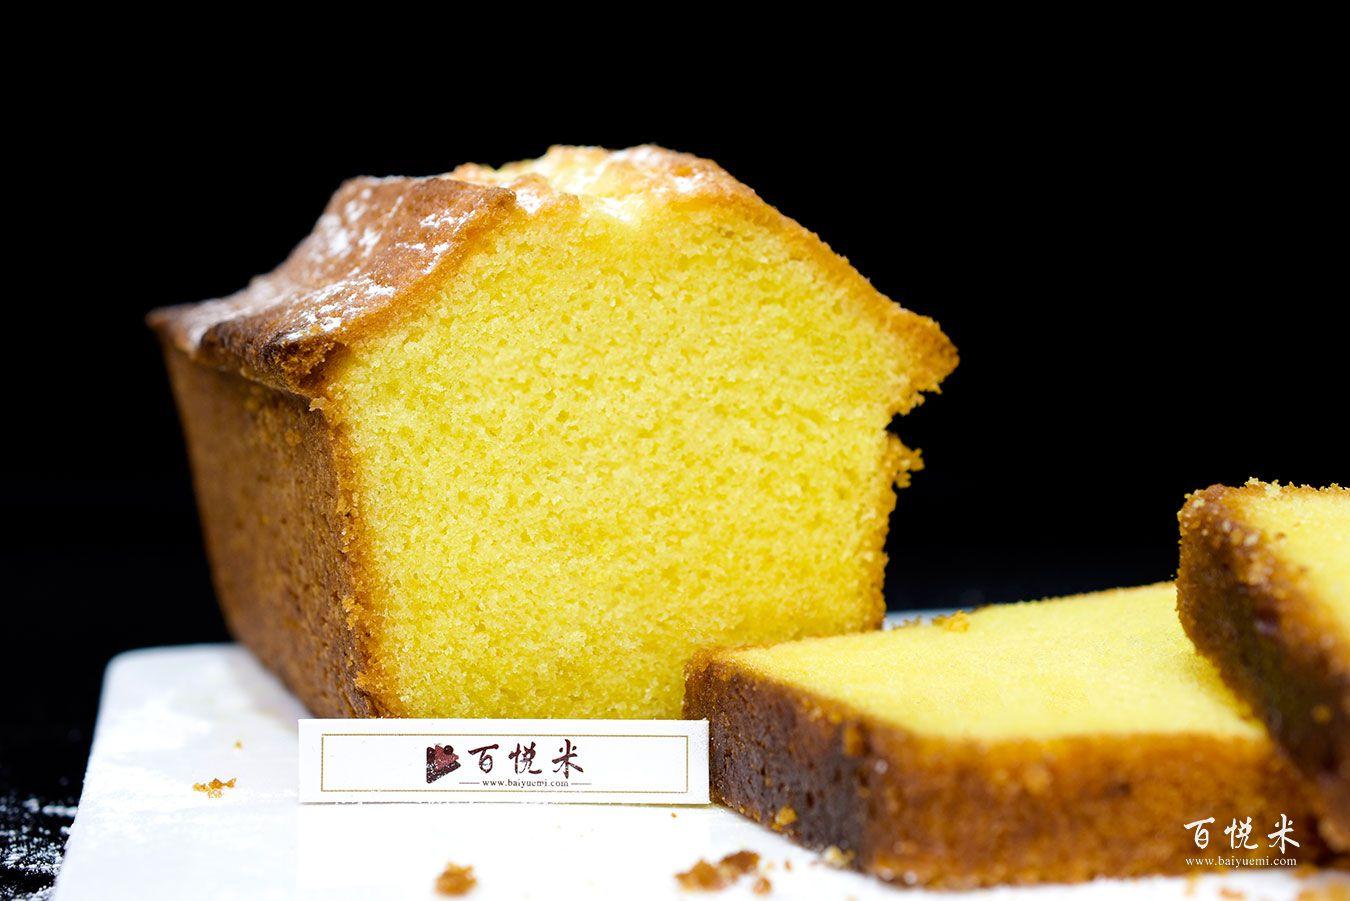 磅蛋糕的高清图片大全【蛋糕图片】_291